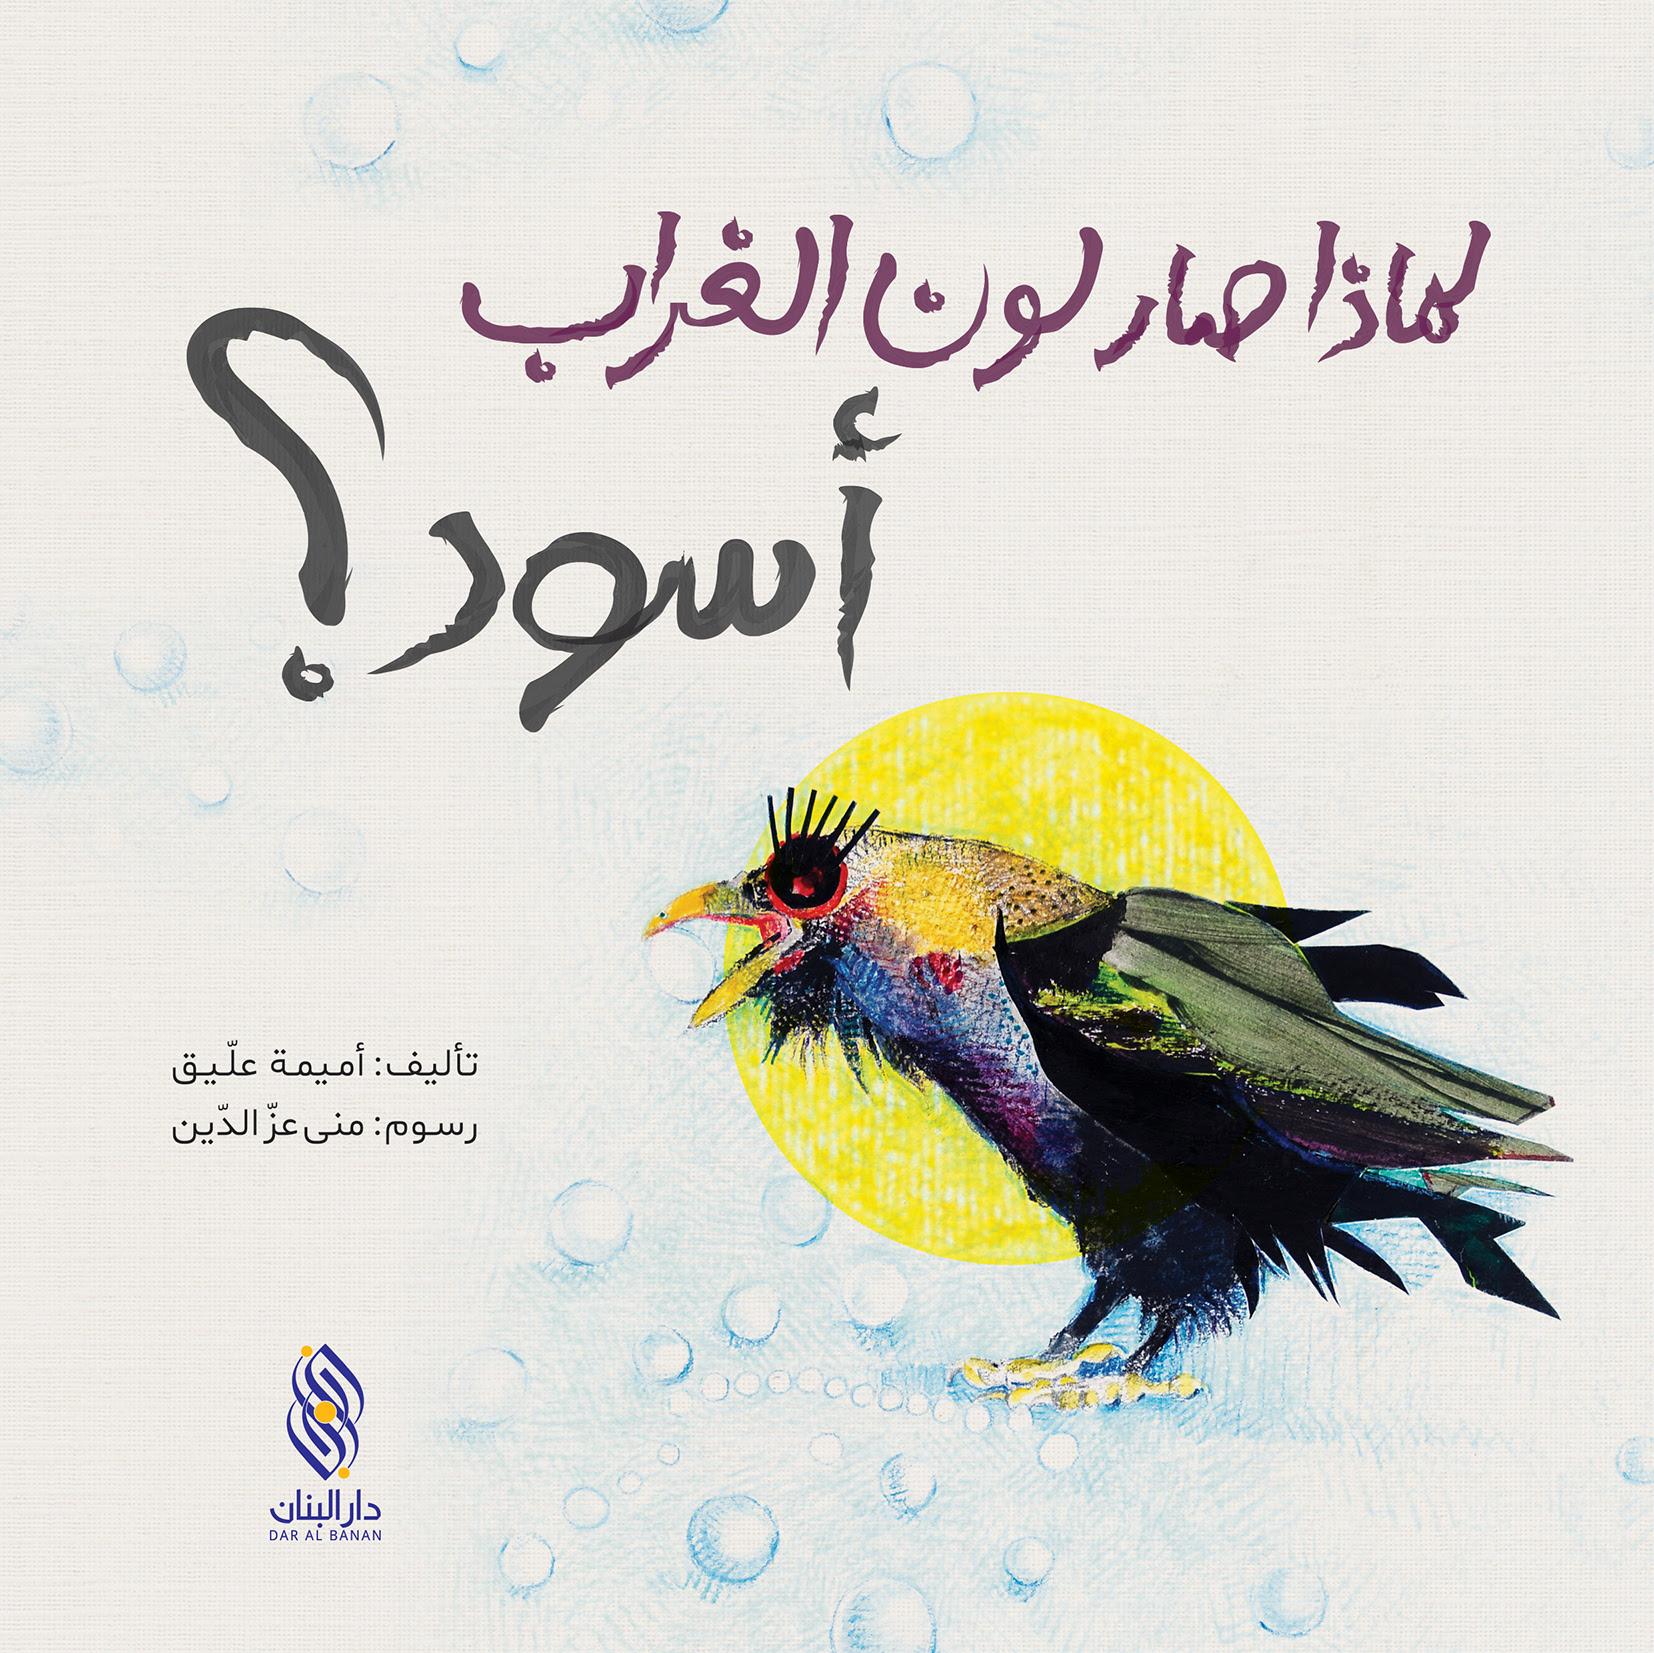 قصص انبياء ملخصة مع المؤلف ودار النشر وعدد الصفحات